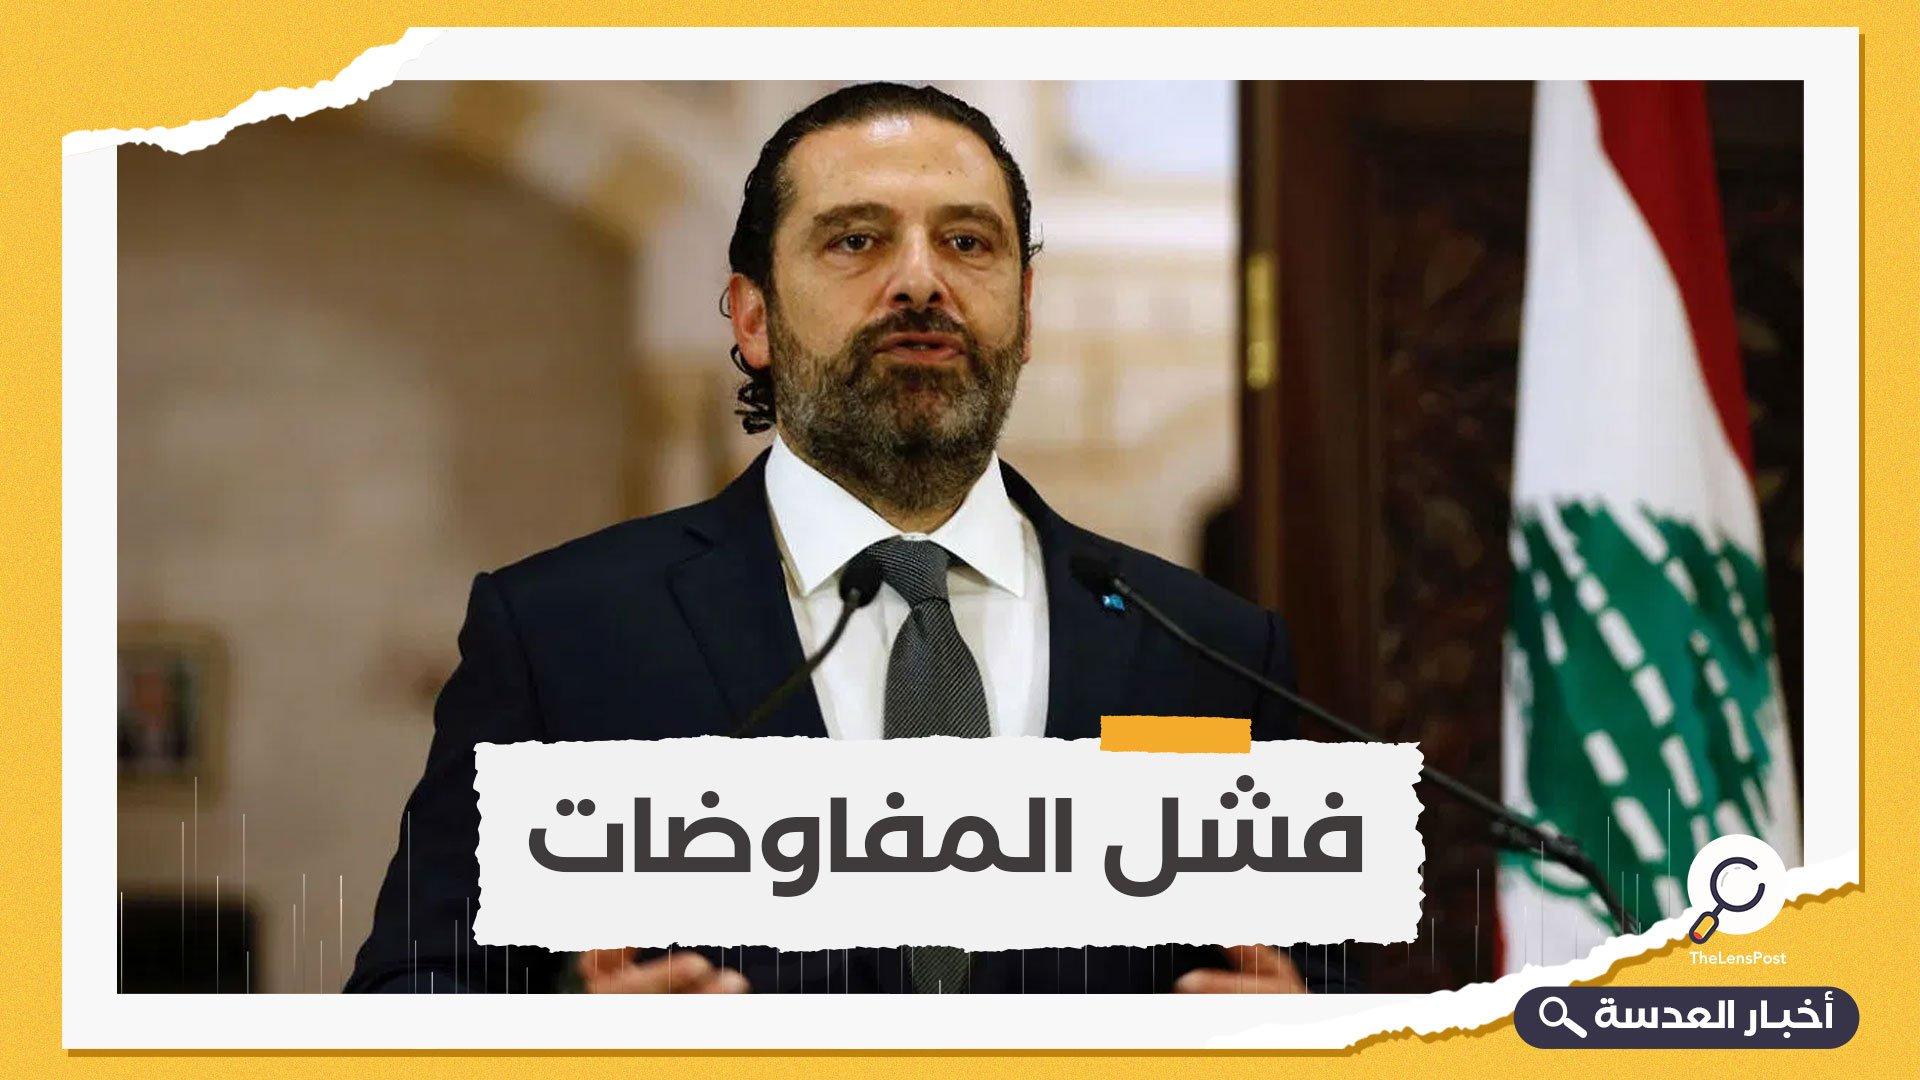 لبنان.. الحريري يعلن فشل مفاوضات تشكيل الحكومة